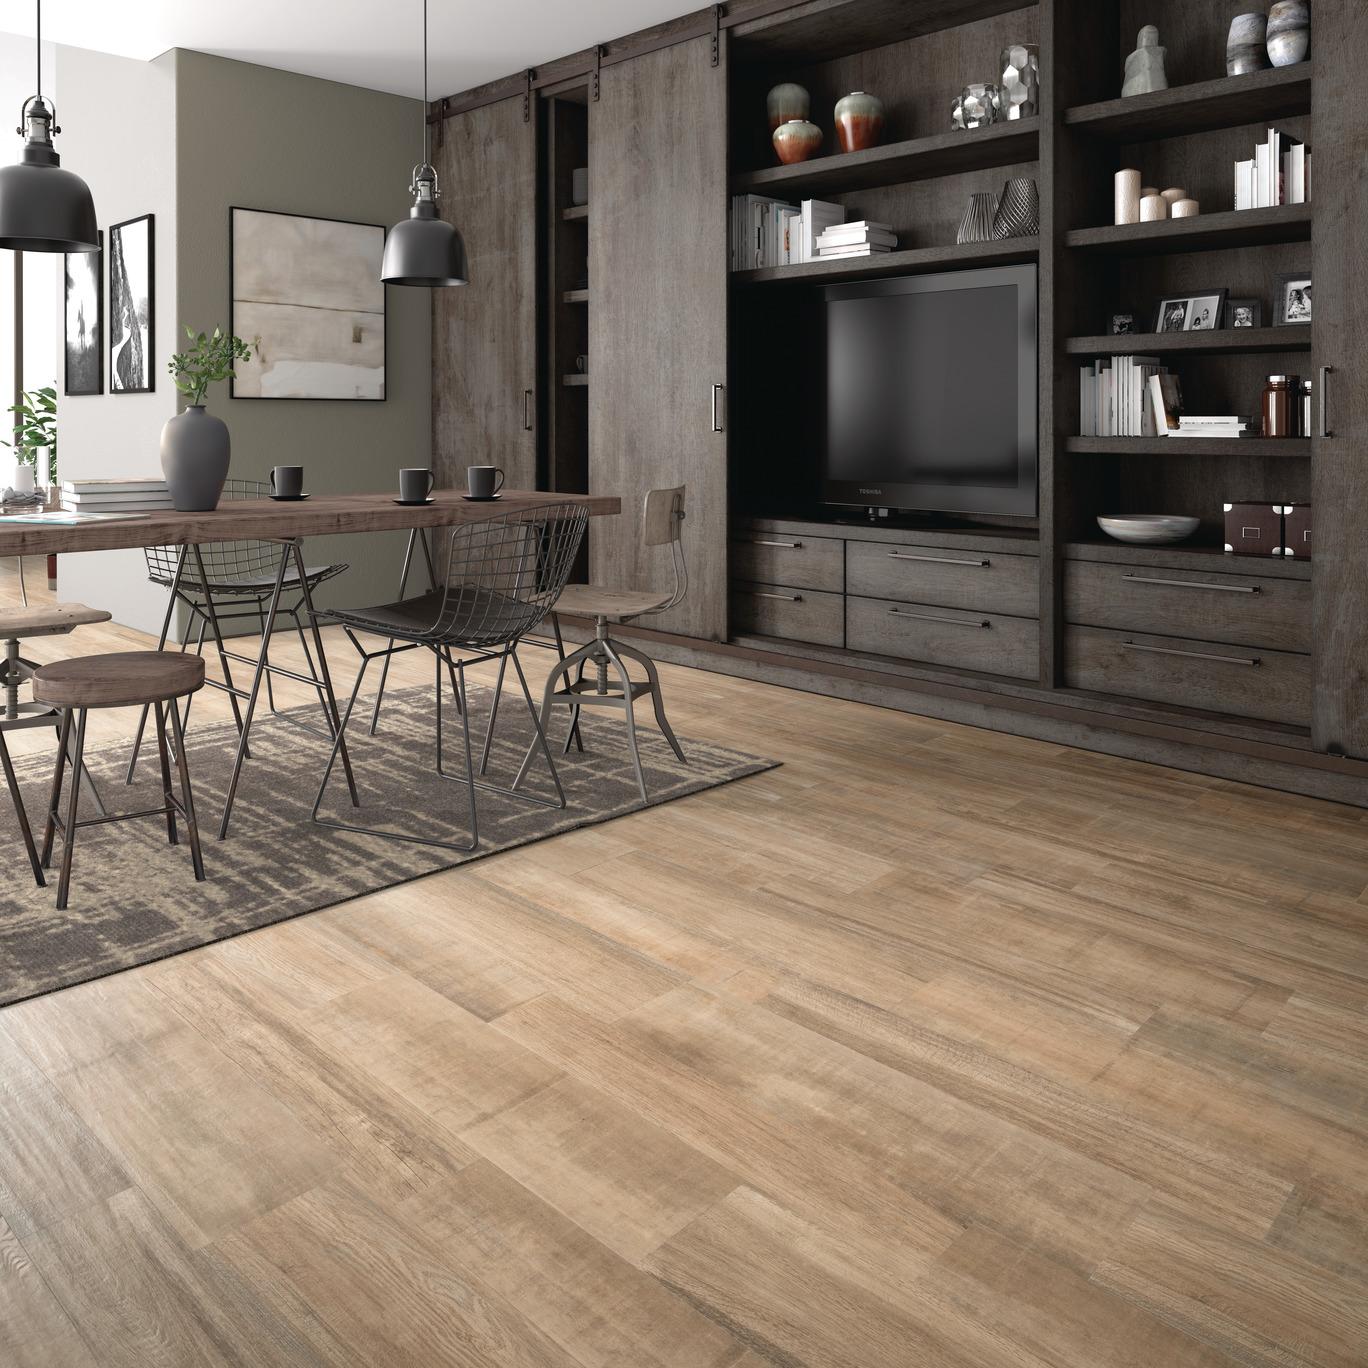 dlažba-a-obklad-do-interieru-v-dekoru-dreva-matna-22x90-lumber-2